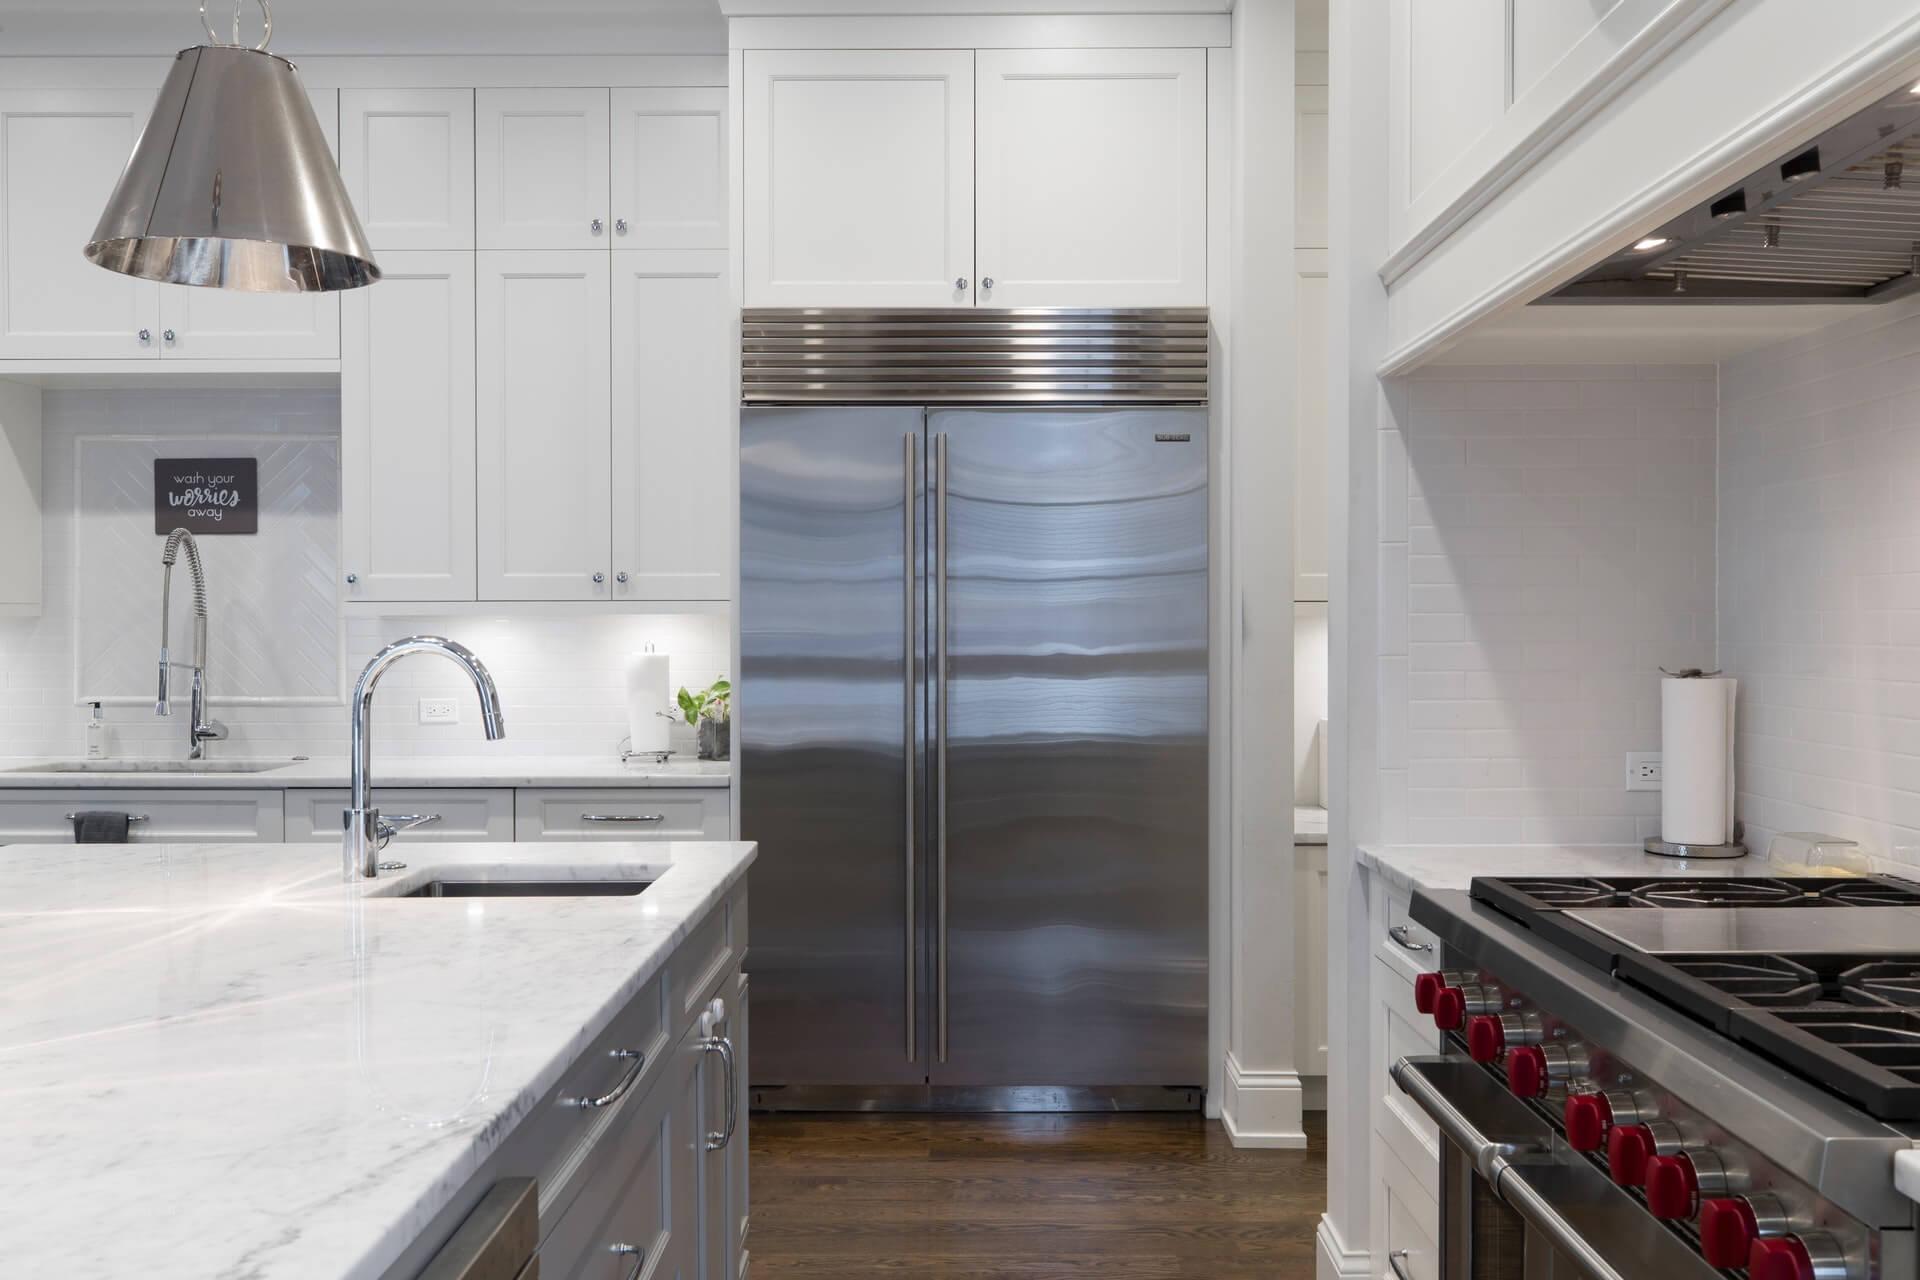 冷蔵庫のコンセントの扱い方。コンセントの位置や注意点など